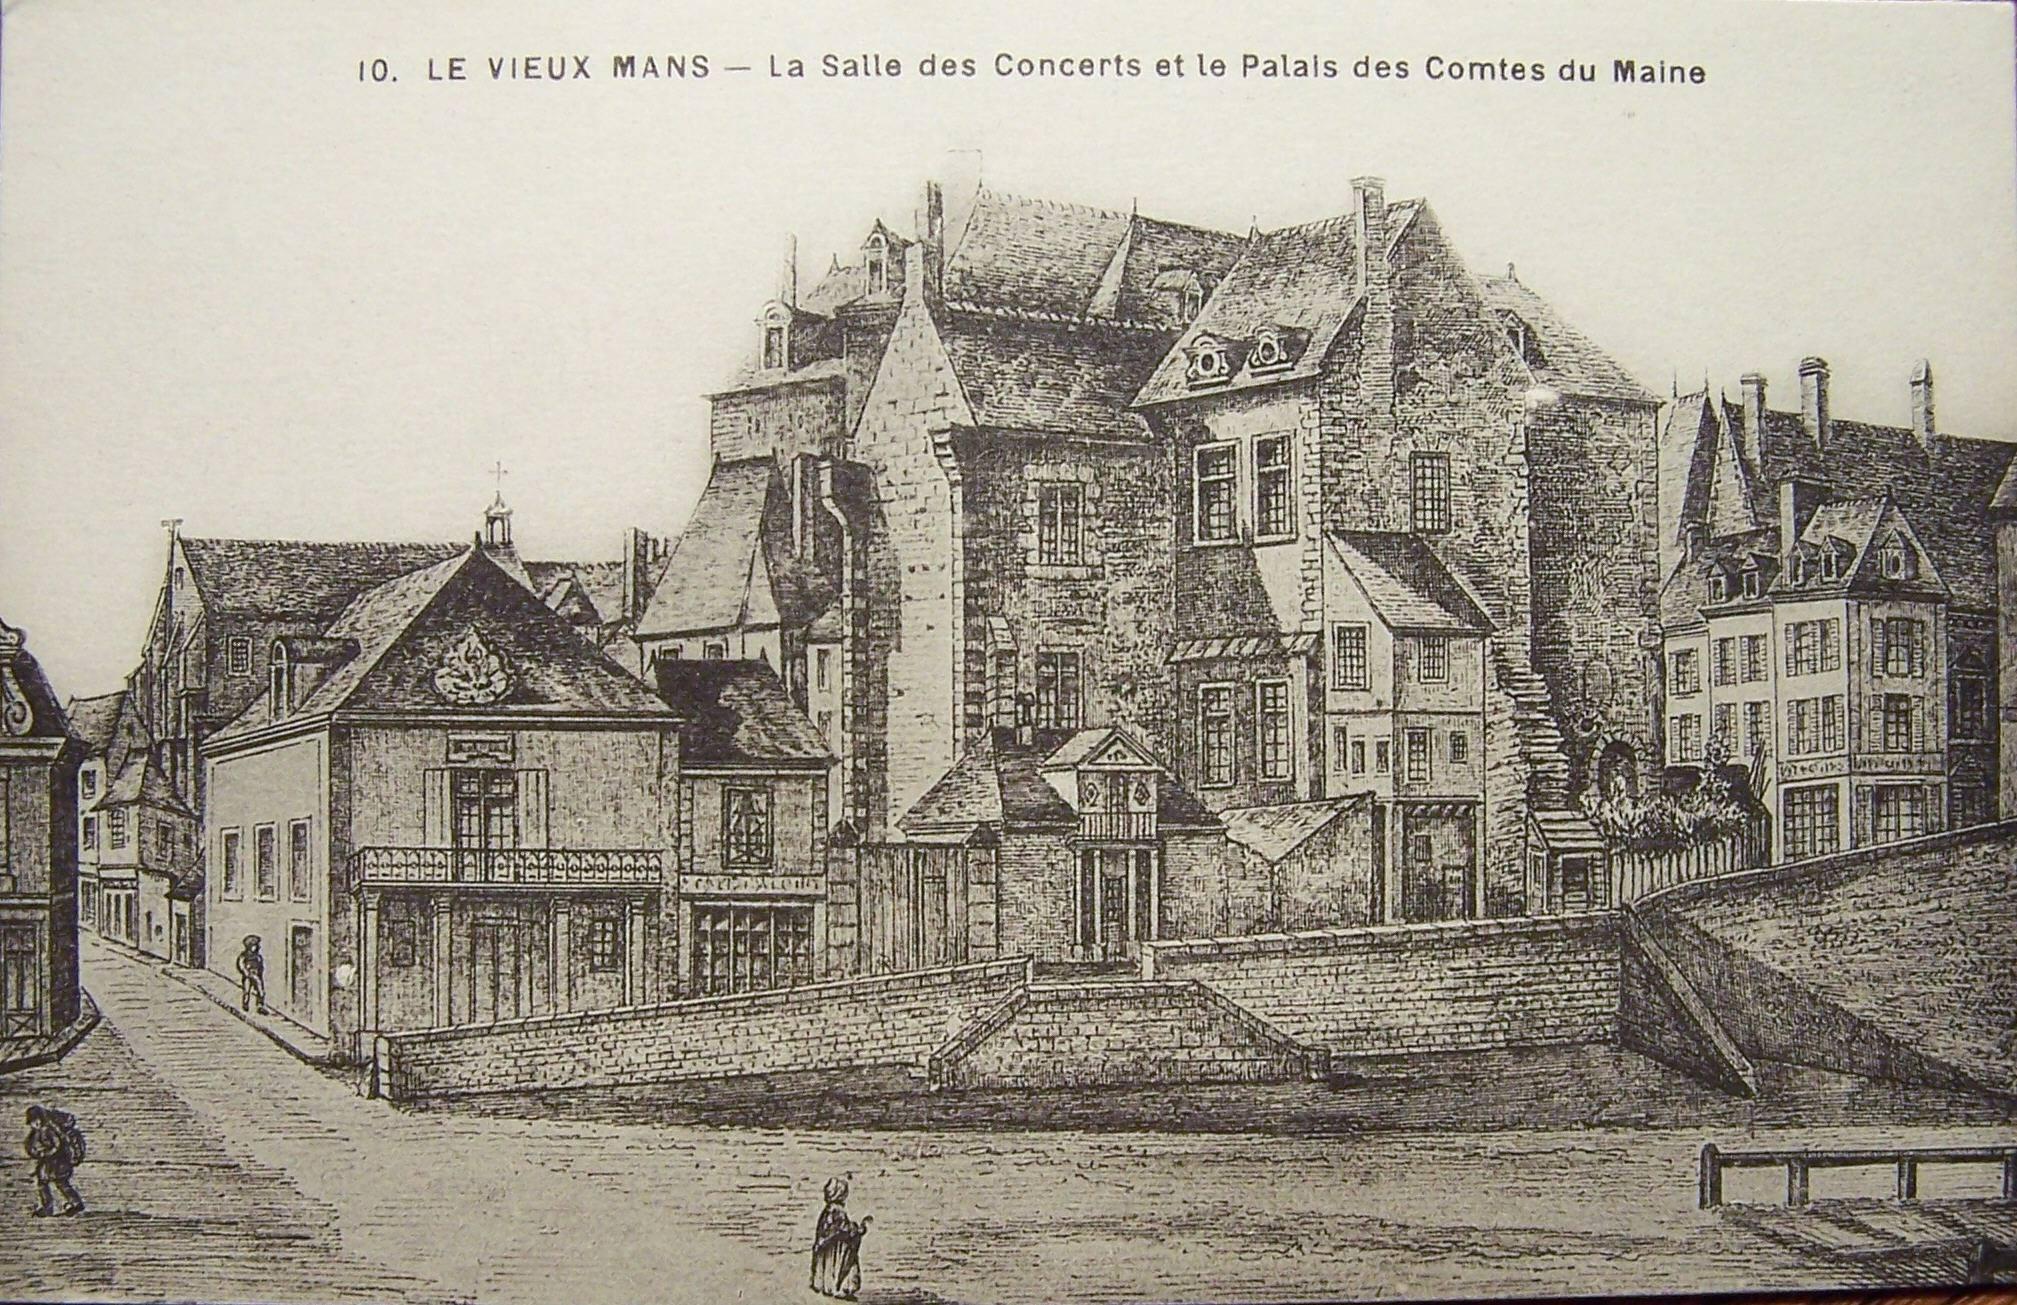 Le Vieux Mans - La Salle des Concerts et le Palais des Comtes du Maine